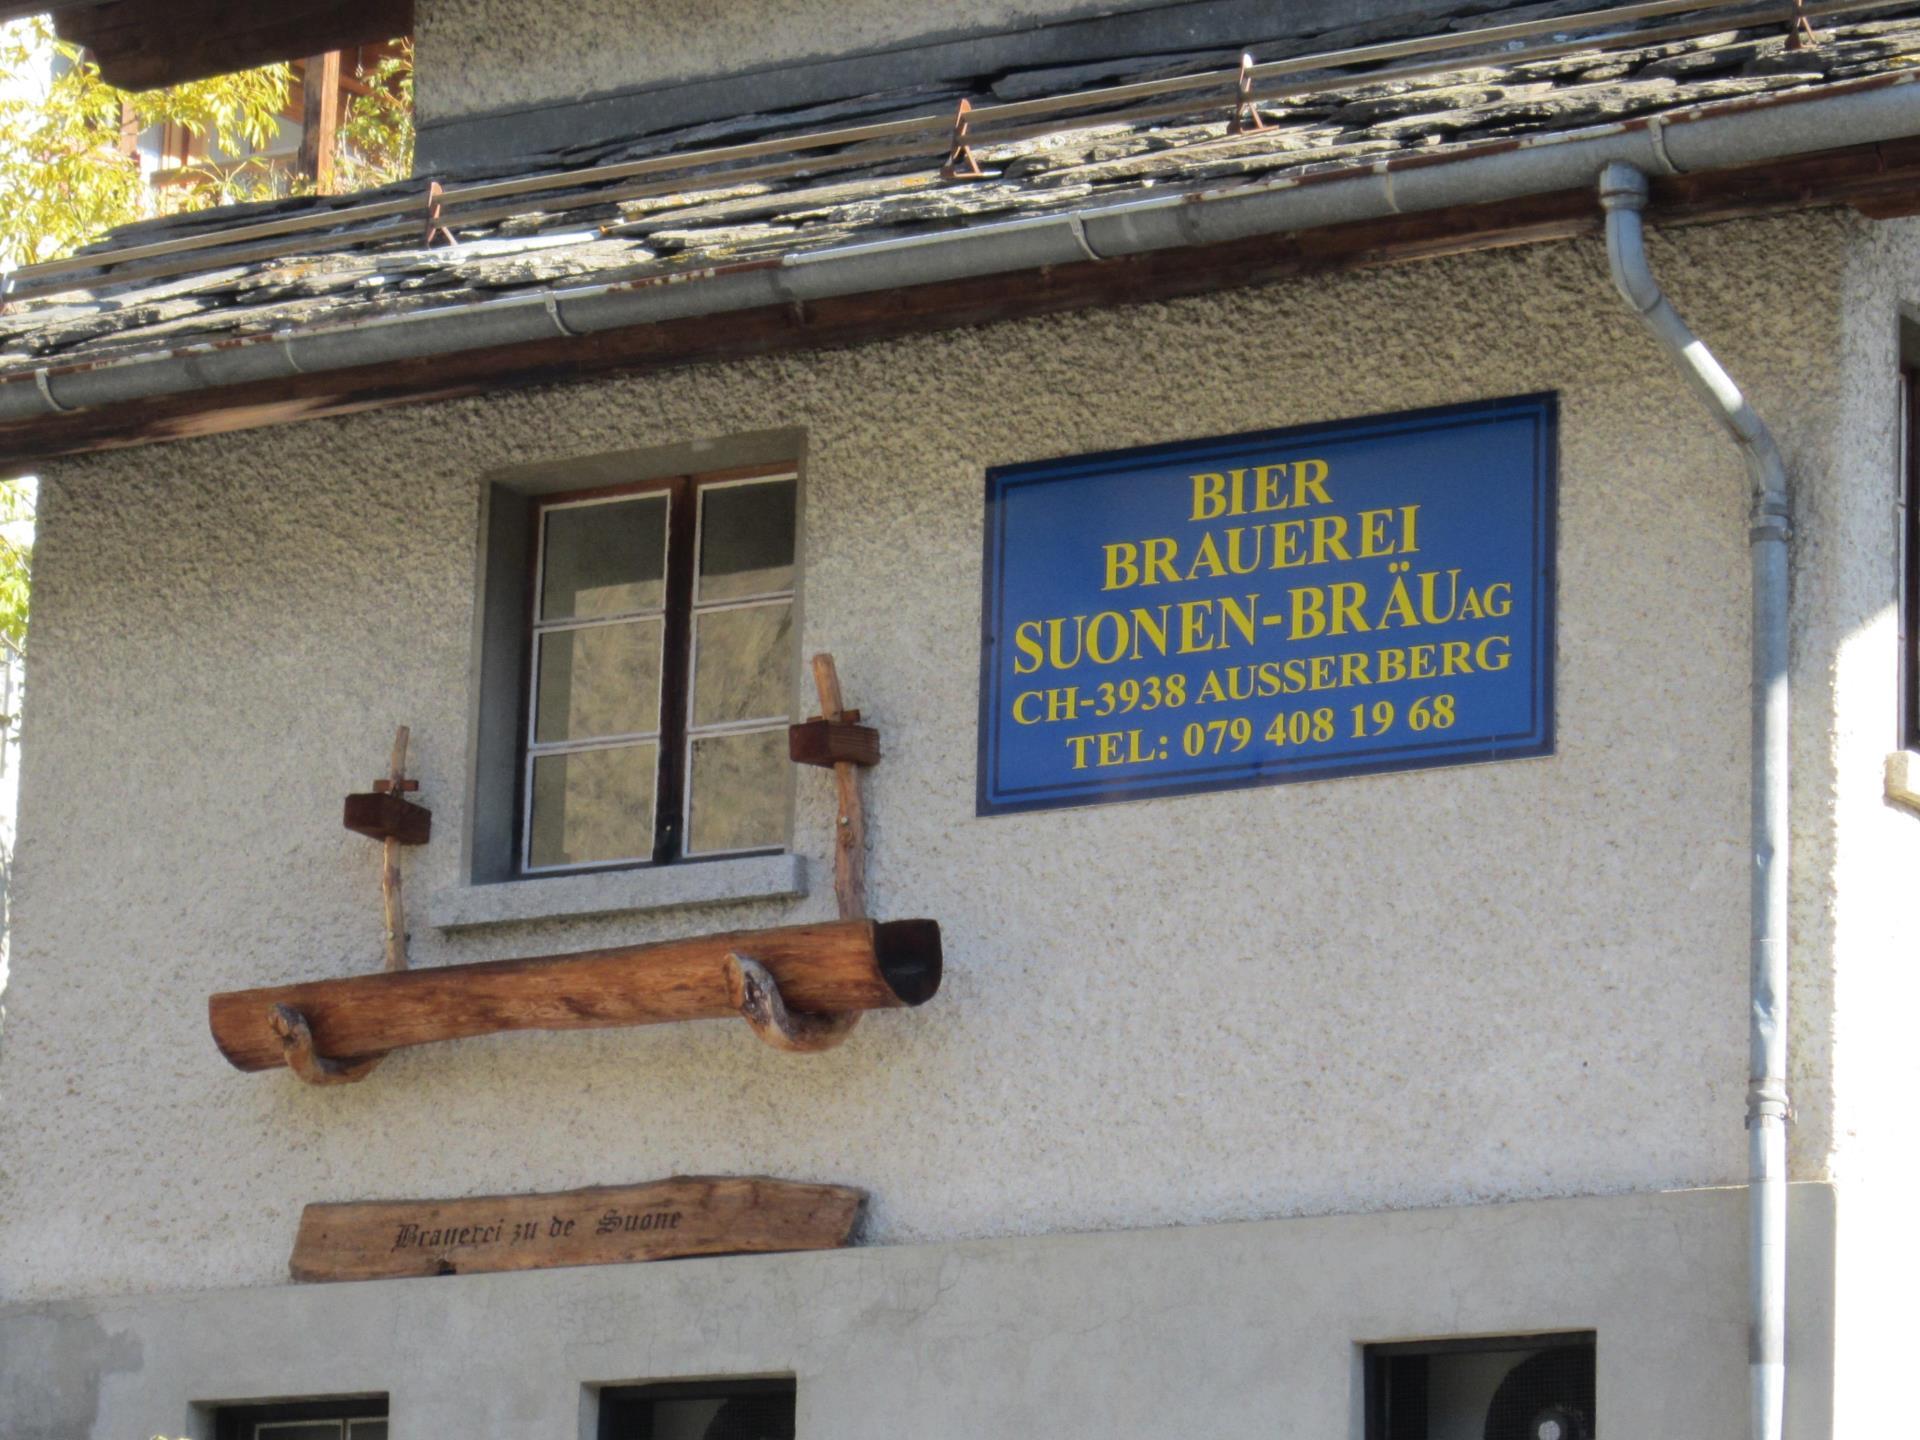 Die Sounen-Brauerei in Ausserberg begrüsst Sie.